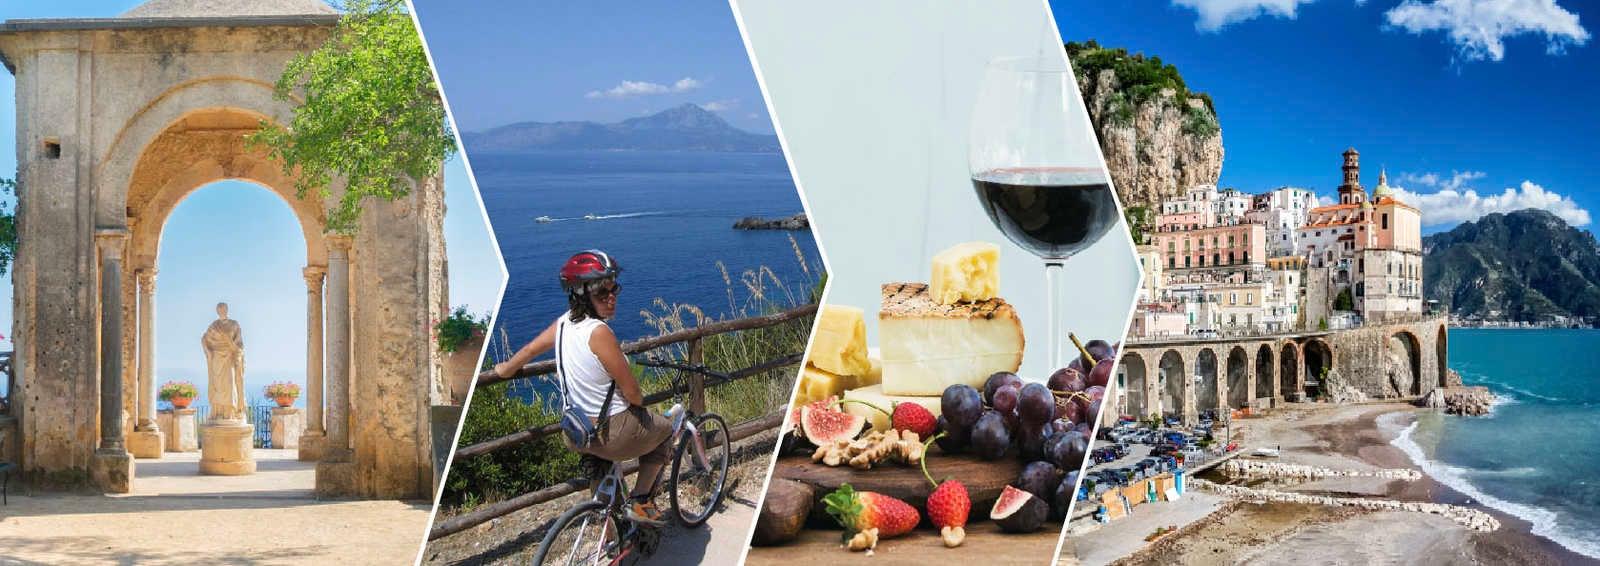 Cycling Italy's Amalfi Coast